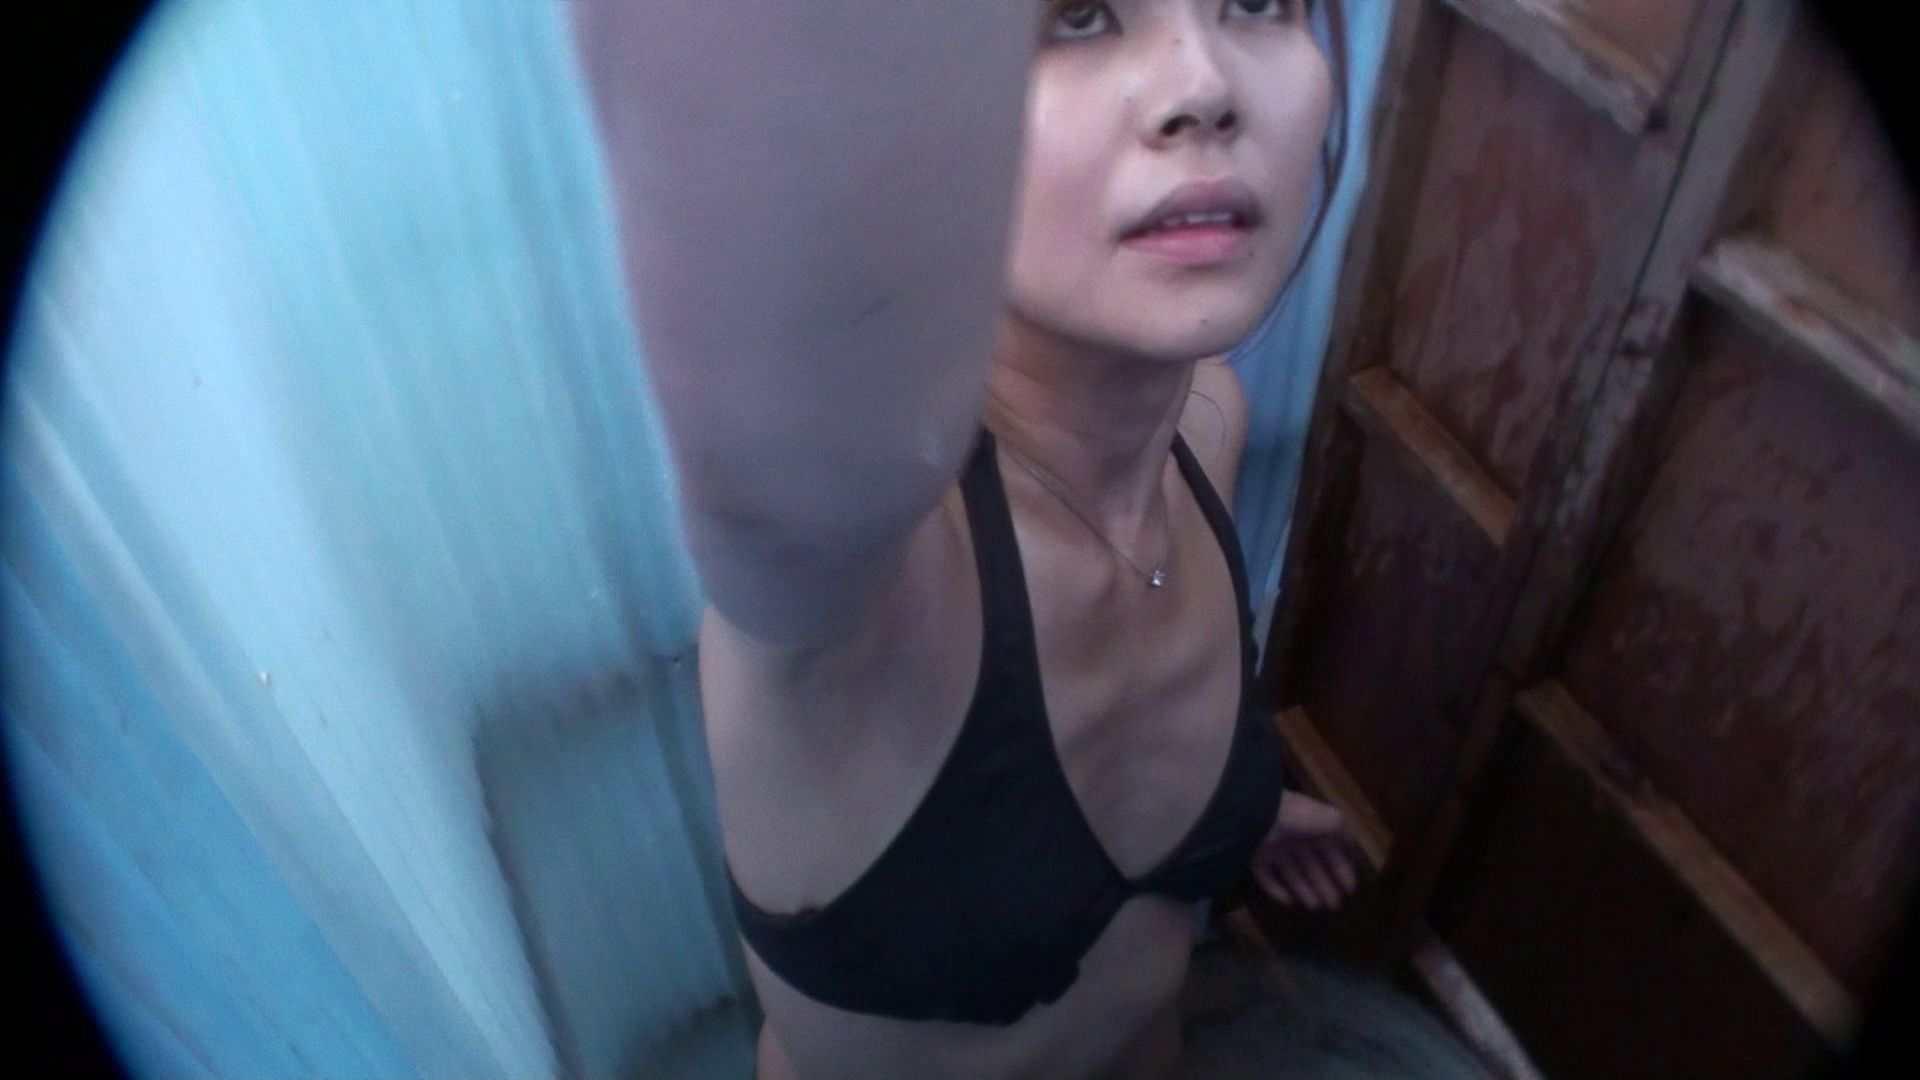 シャワールームは超!!危険な香りVol.22 オッパイに盛りが欲しい貧乳美女 貧乳 セックス画像 82pic 4